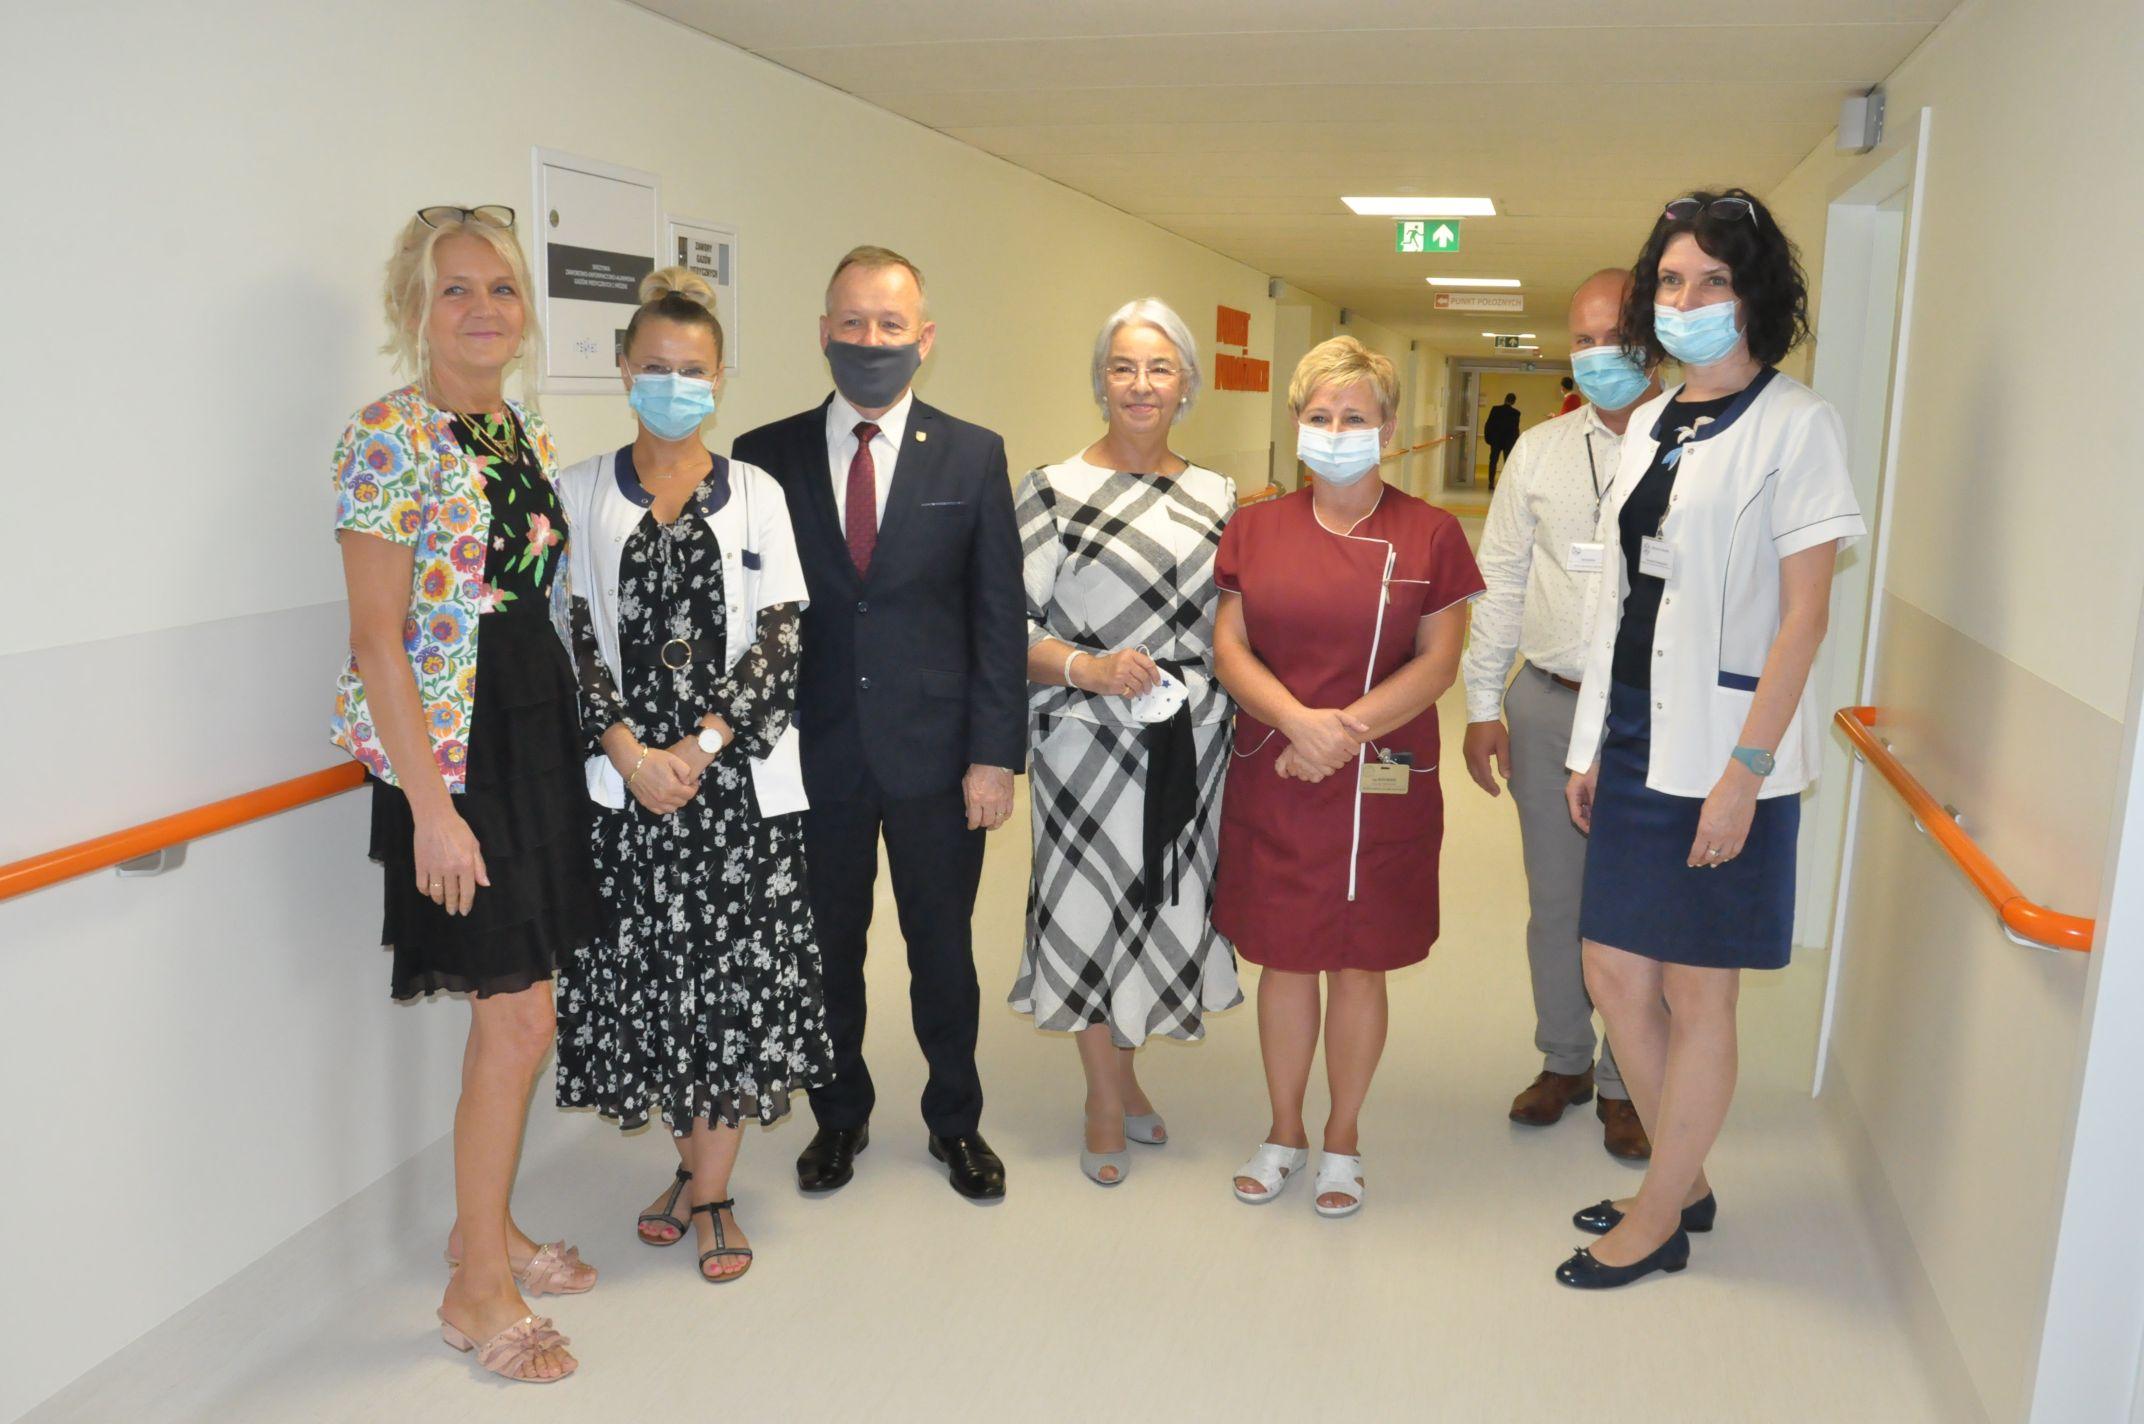 Nowe oblicze wyremontowanego oddziału położniczo-noworodkowego w Mielcu. Zobacz jak wygląda [FOTO] - Zdjęcie główne